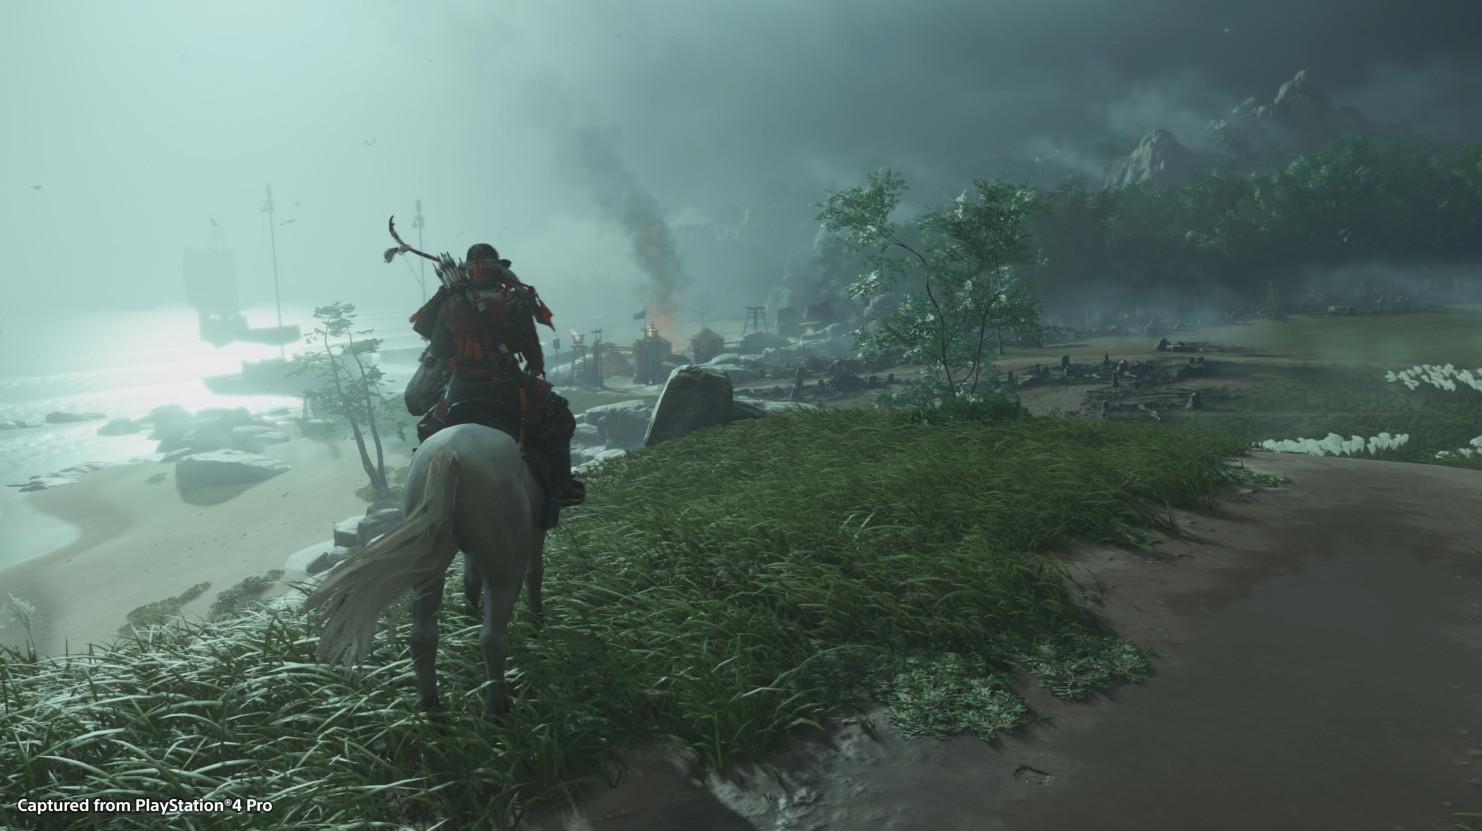 索尼可能正为PS5开发《对马岛之鬼》续作